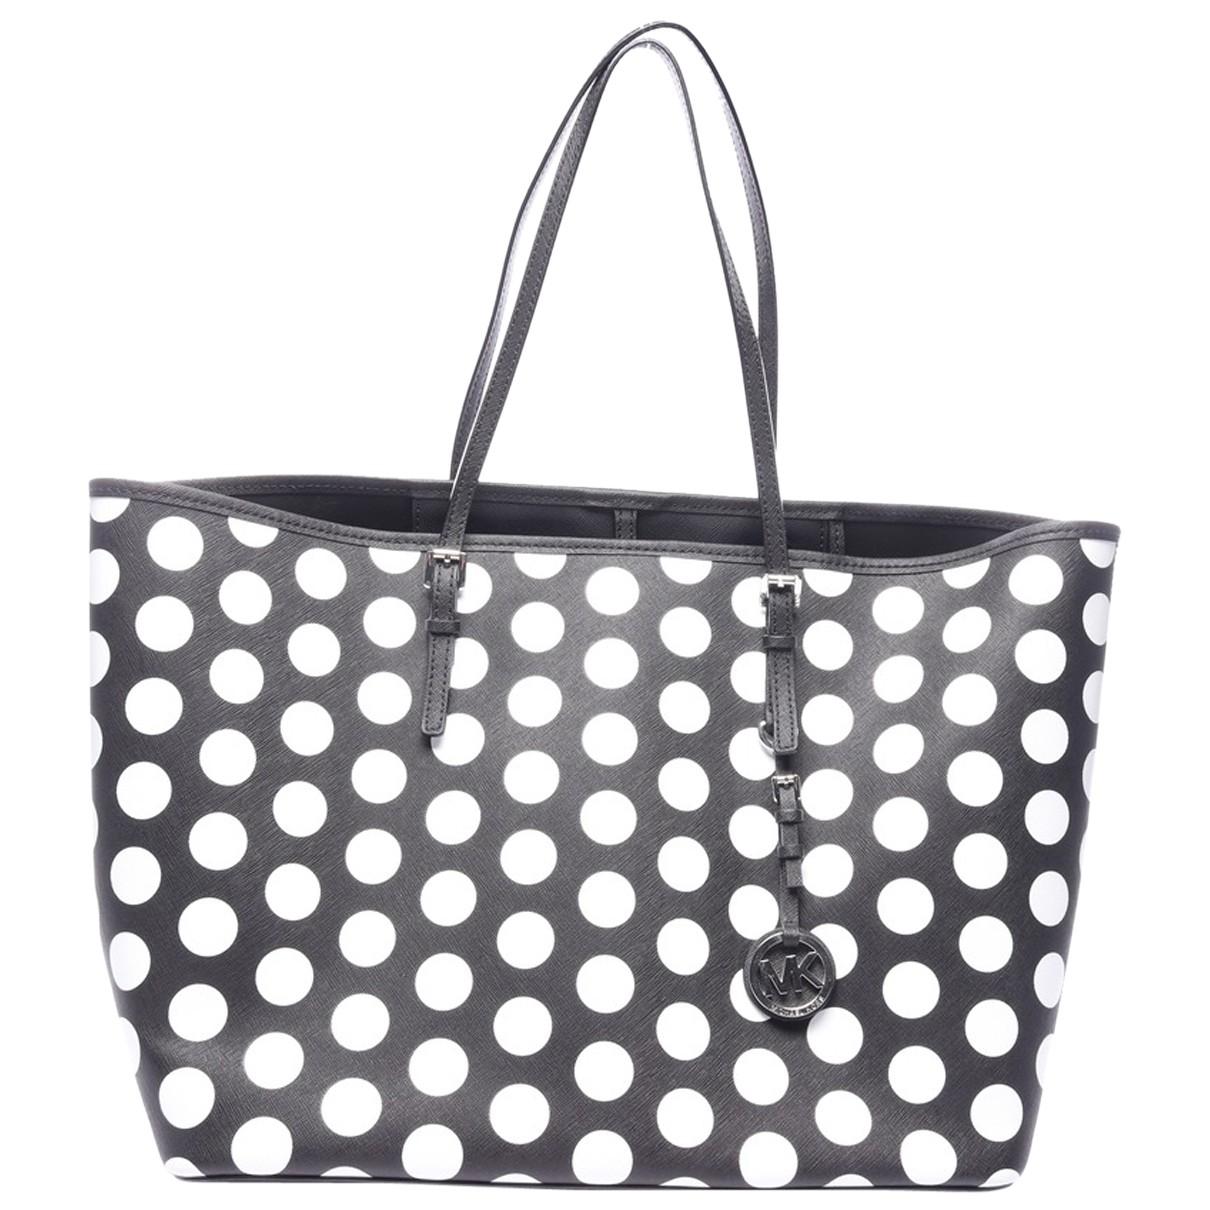 Michael Kors Jet Set Black Leather handbag for Women N